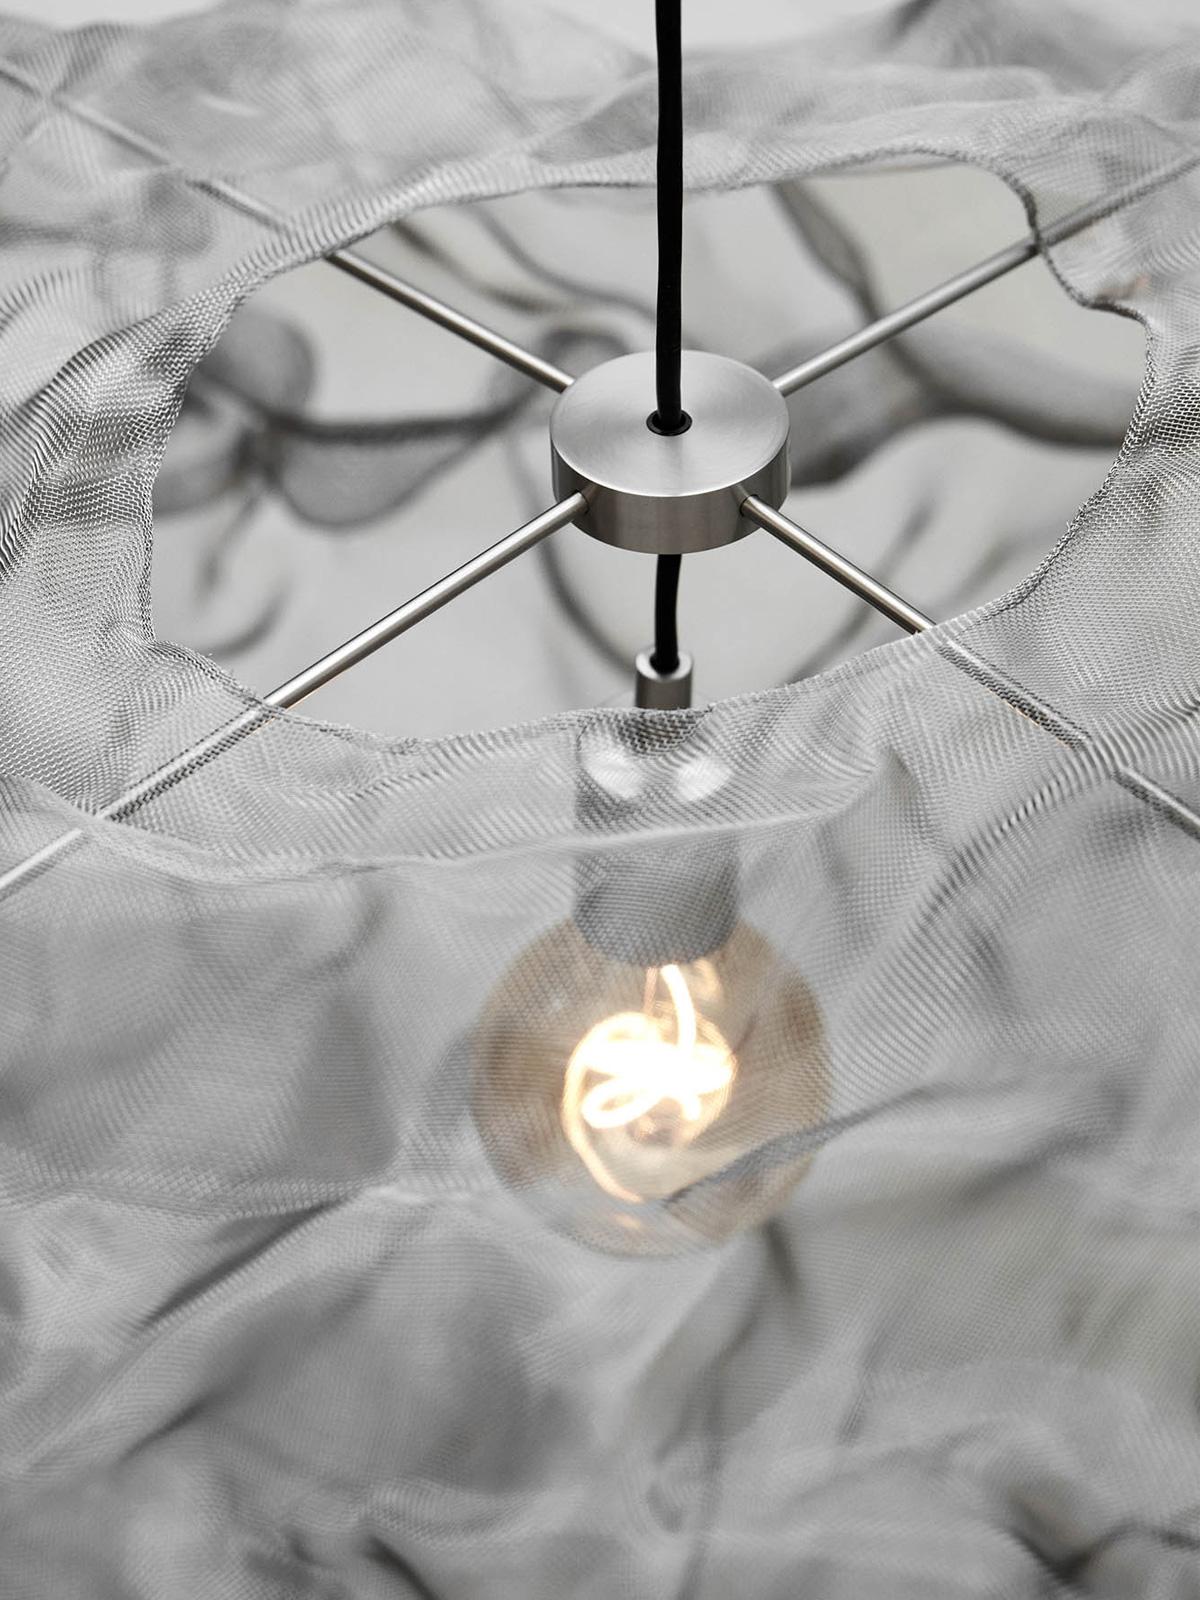 Heat Pendelleuchte Northern Lighting Silber oder Kupfer DesignOrt Onlineshop Lampen